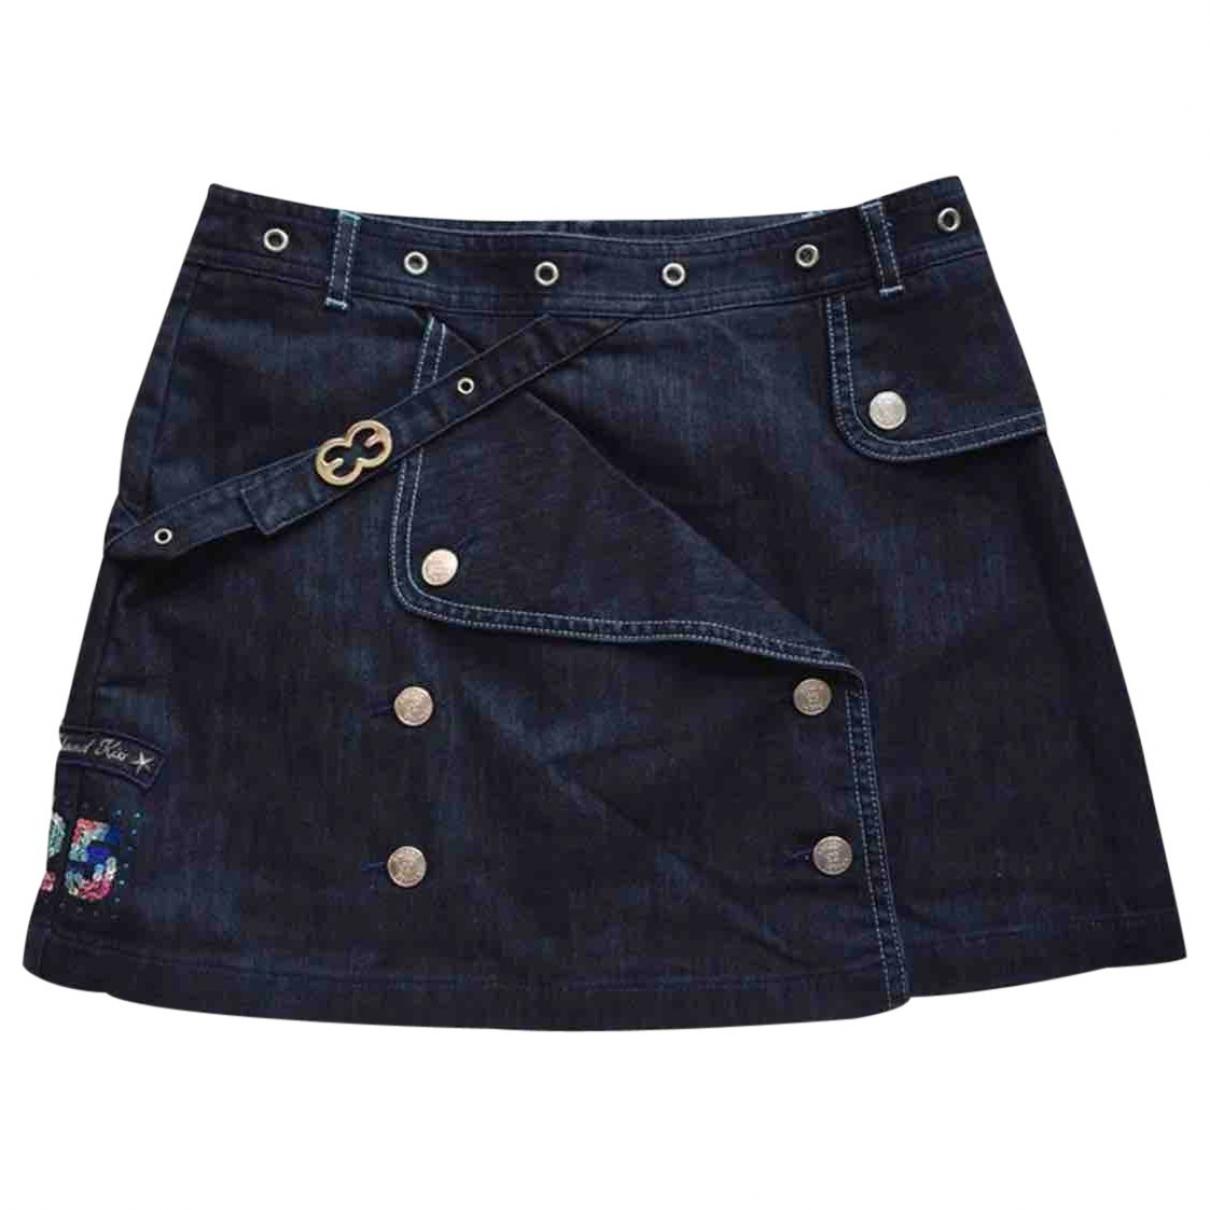 Escada \N Navy Denim - Jeans skirt for Kids 16 years - M FR